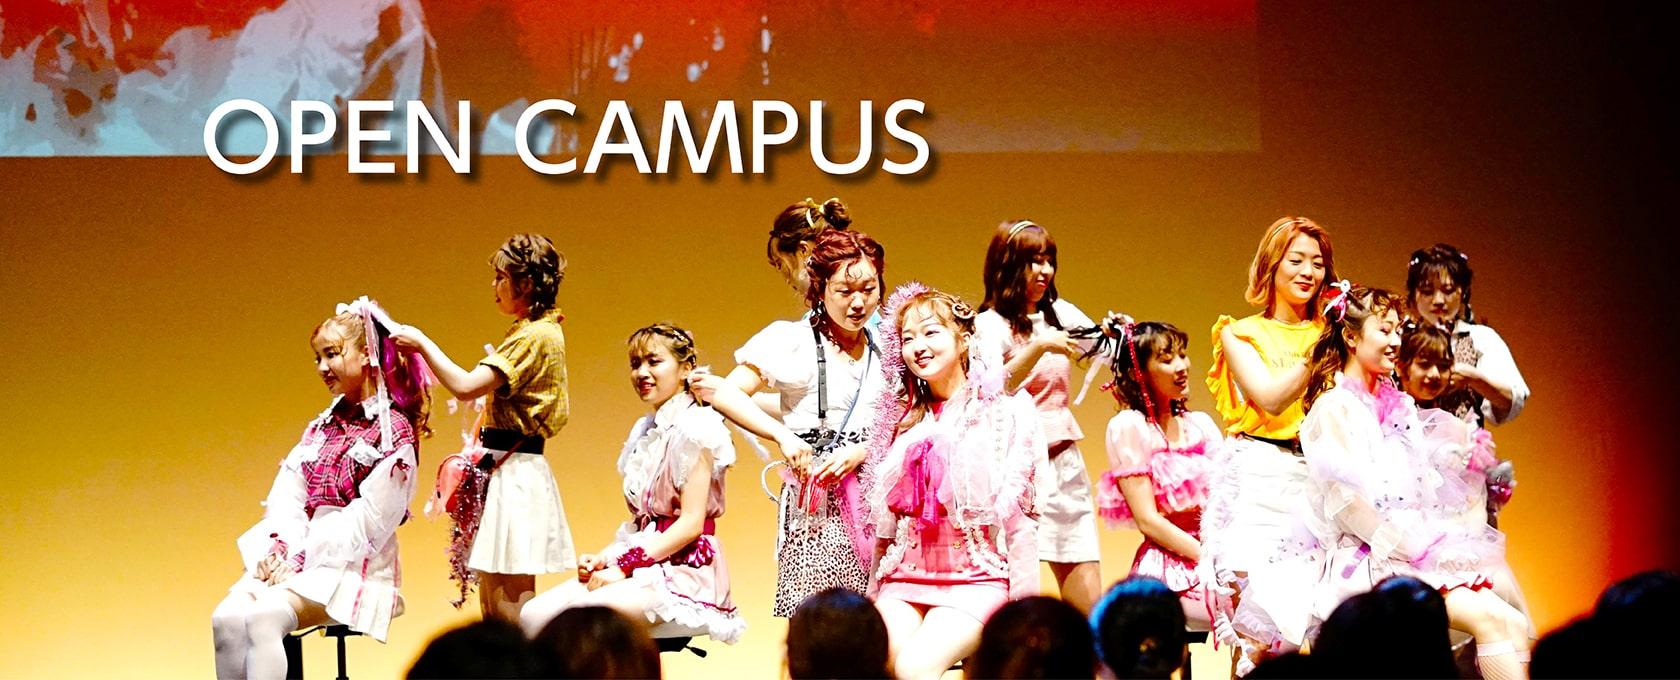 東京の美容専門学校:国際文化理容美容専門学校のオープンキャンパス2020